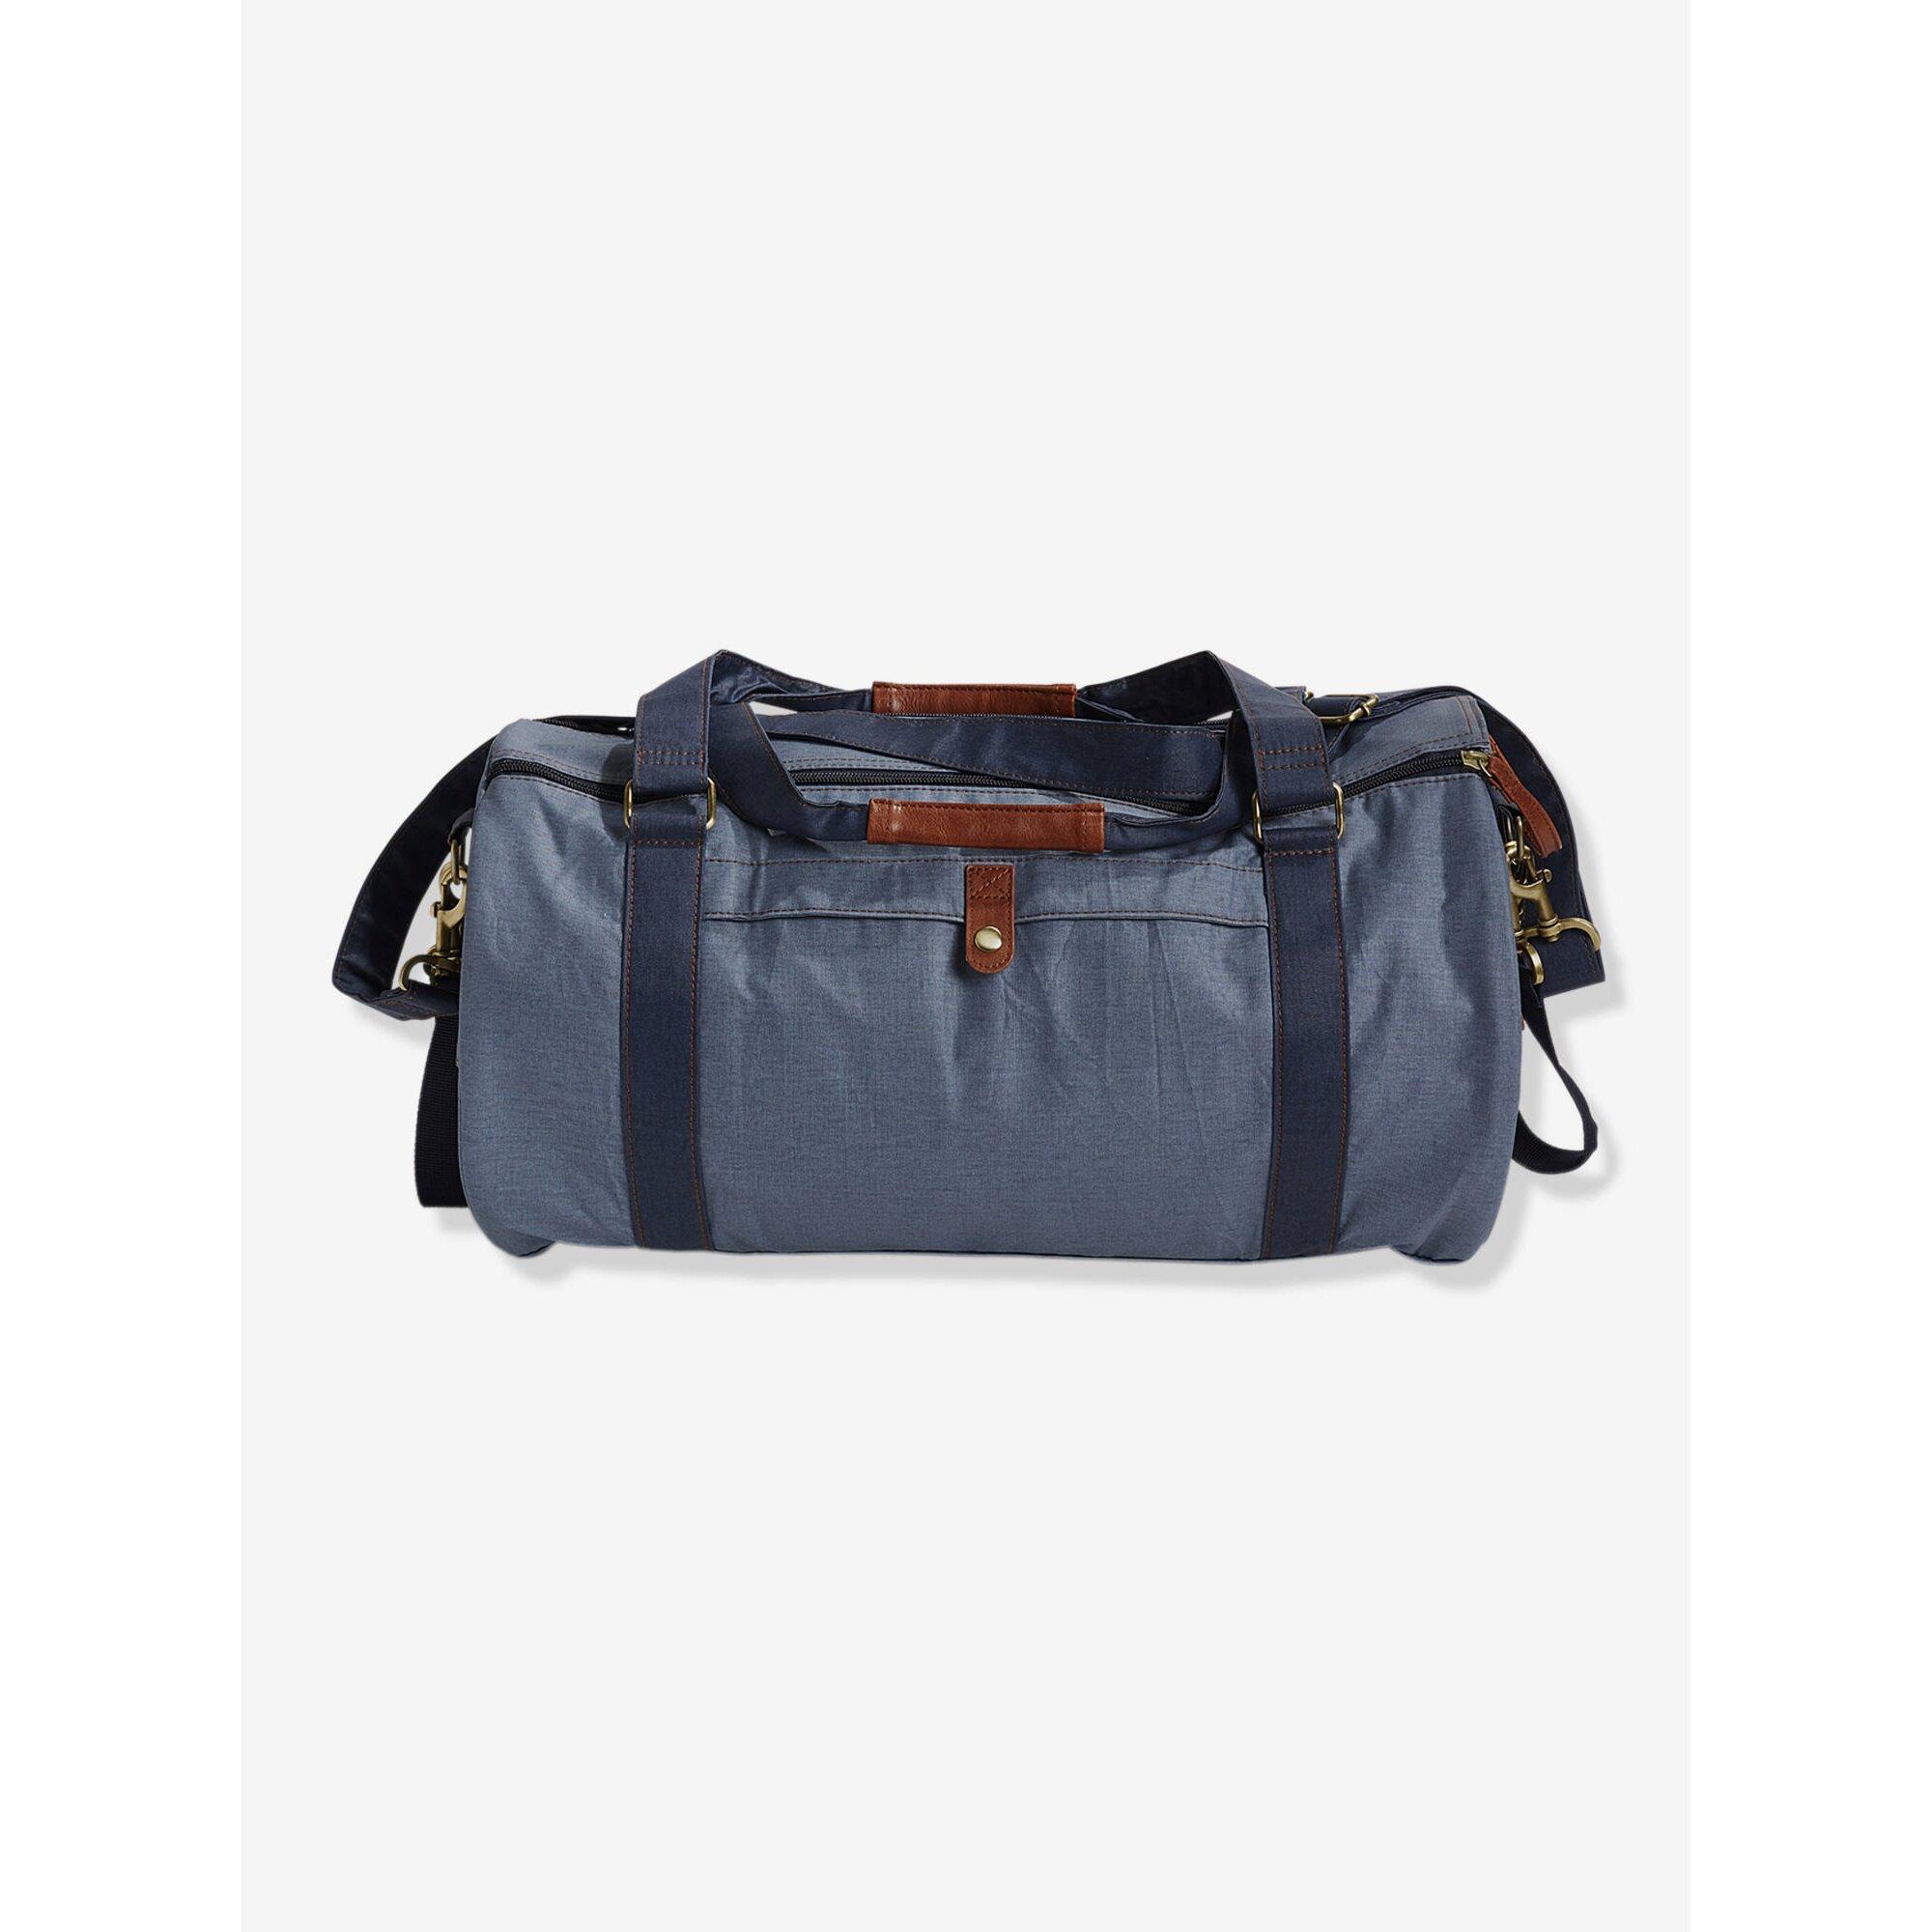 vertbaudet-wickeltasche-daddysac-blau